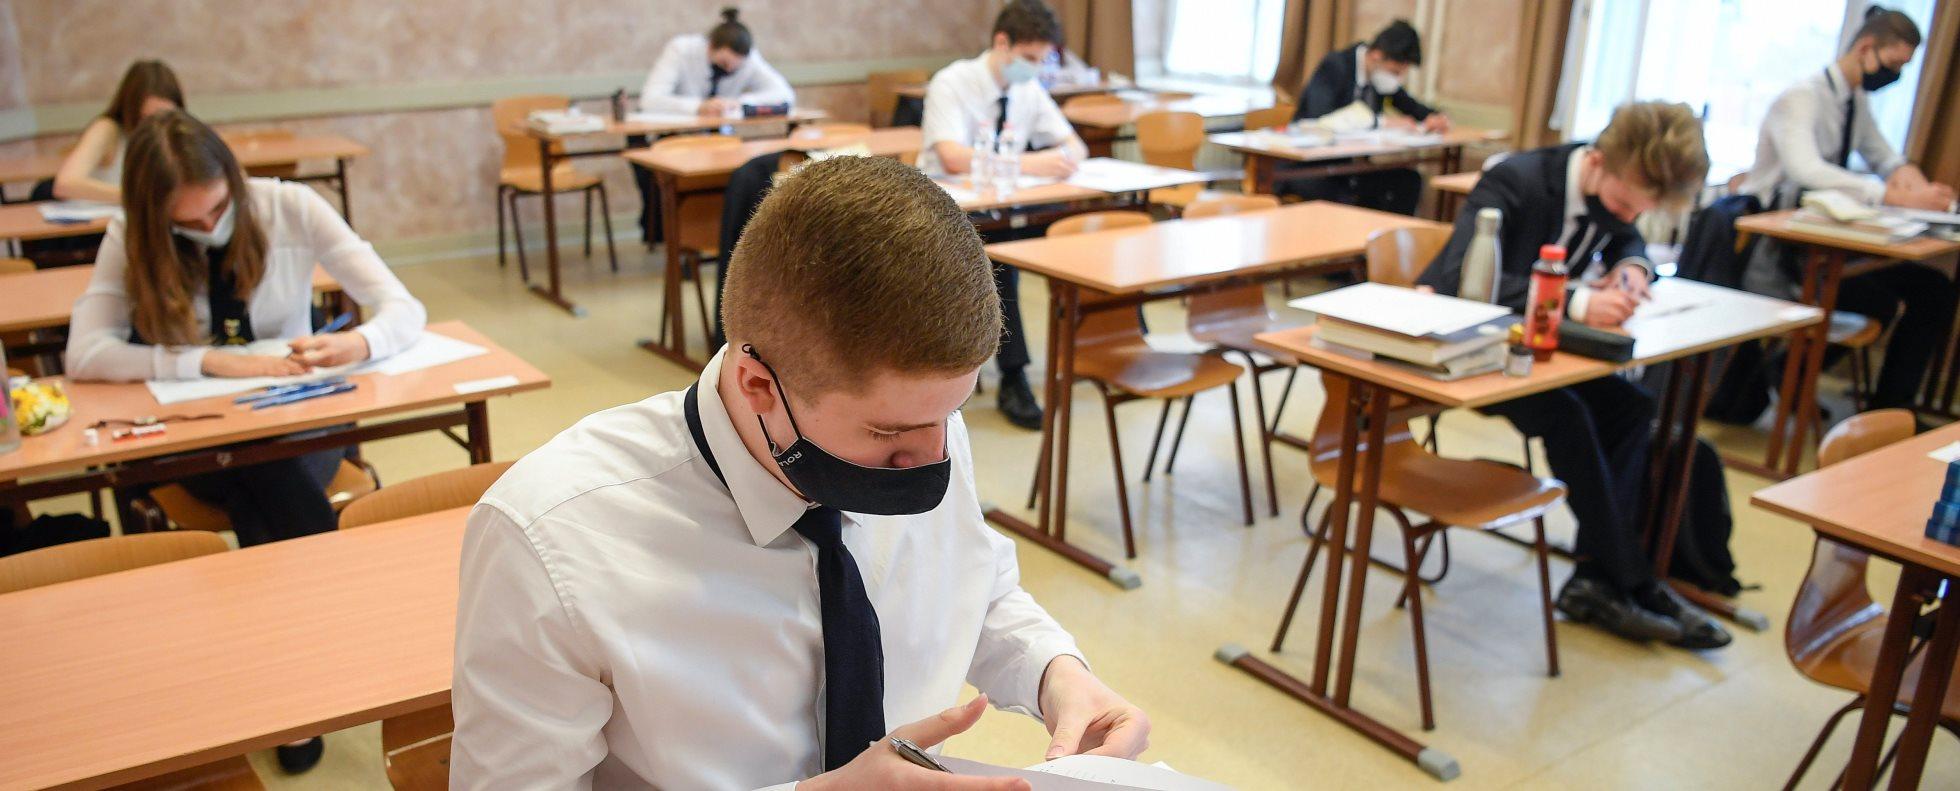 Érettségi - A magyar nyelv és irodalom írásbelikkel megkezdődtek a vizsgák